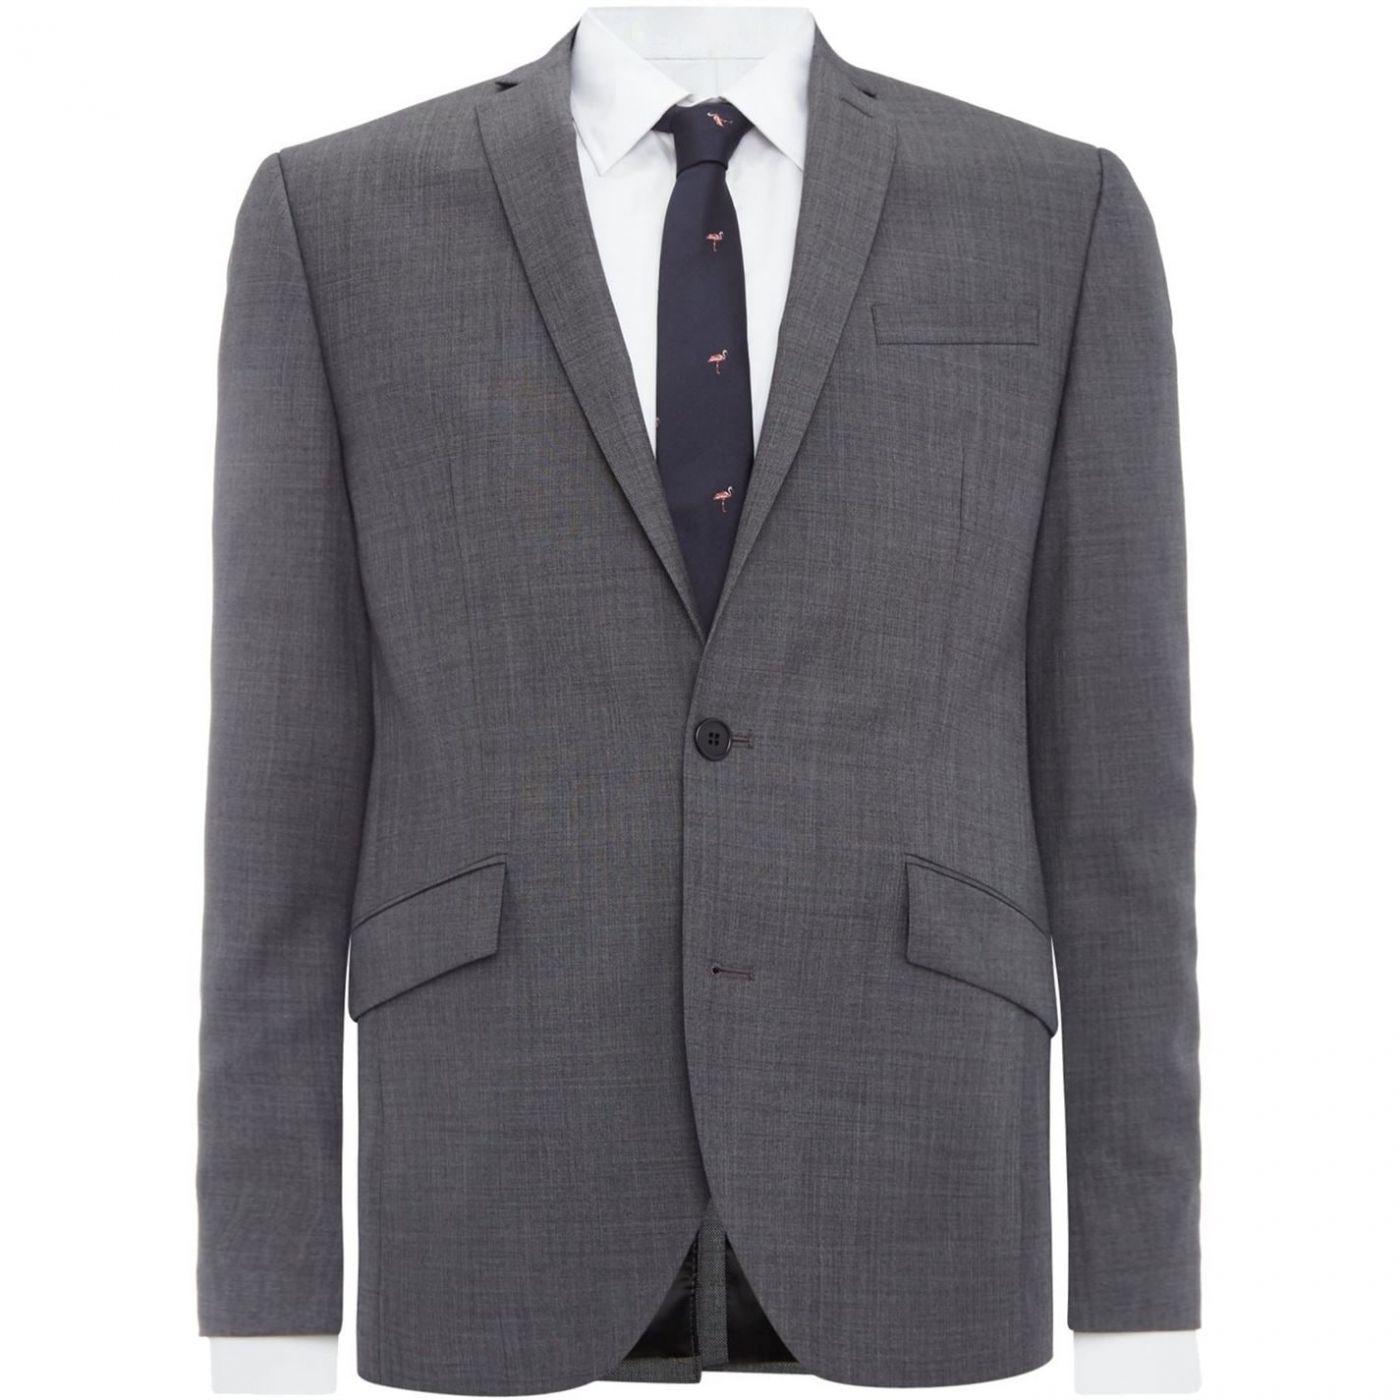 Kenneth Cole Taylor SB2 Sharkskin Suit Jacket